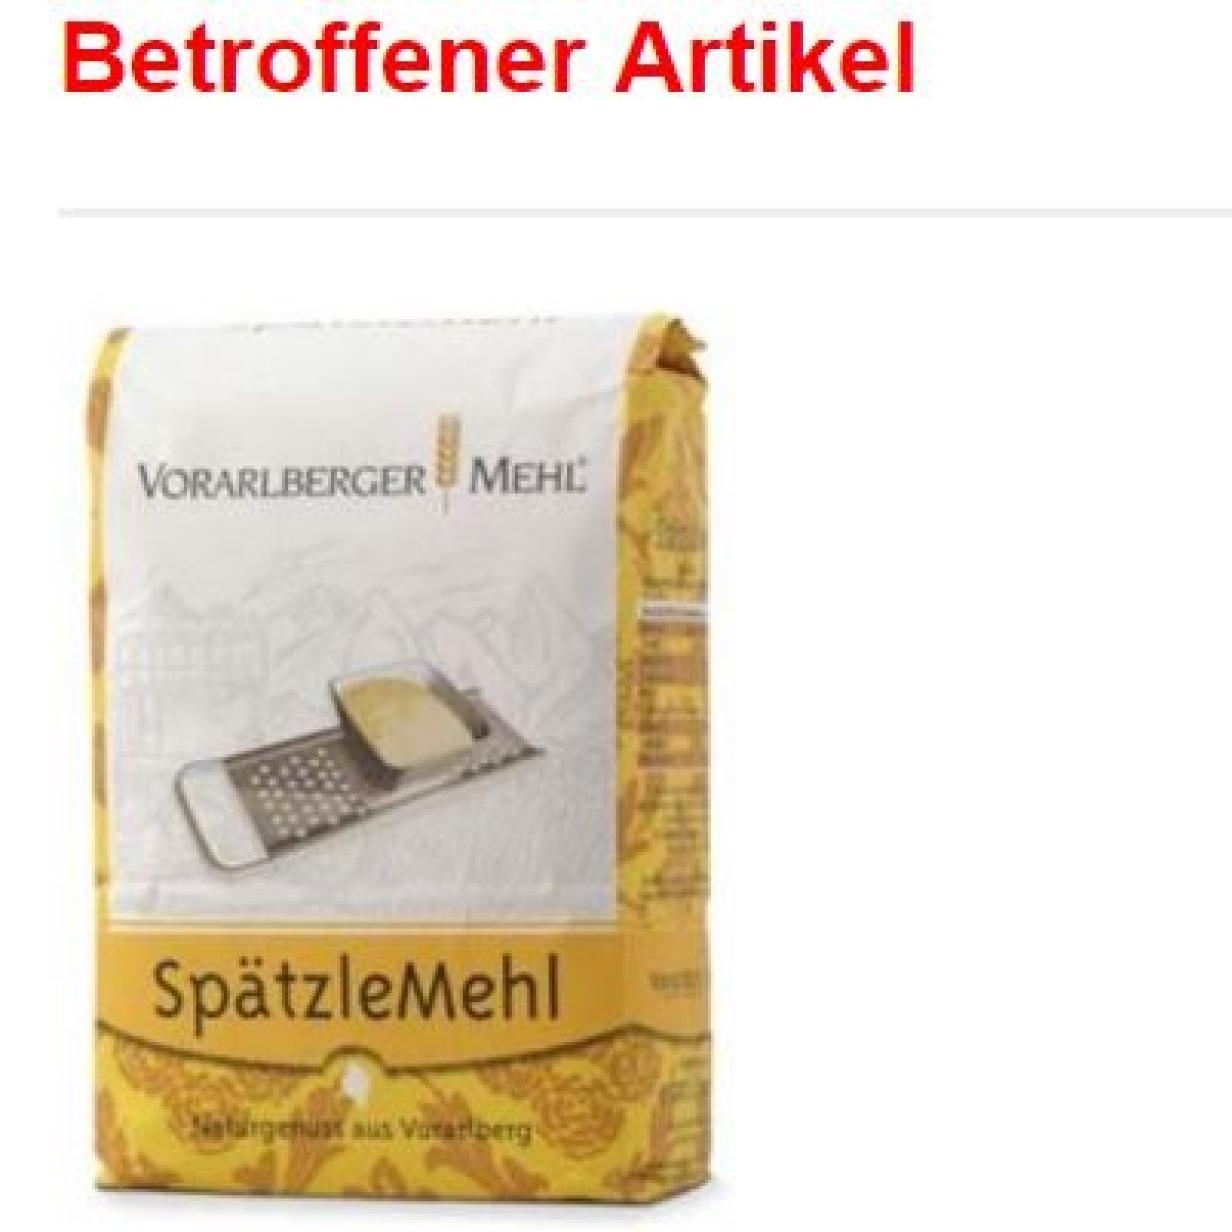 """Rückruf: Hersteller ruft """"Vorarlberger Mehl – Spätzlemehl"""" zurück"""